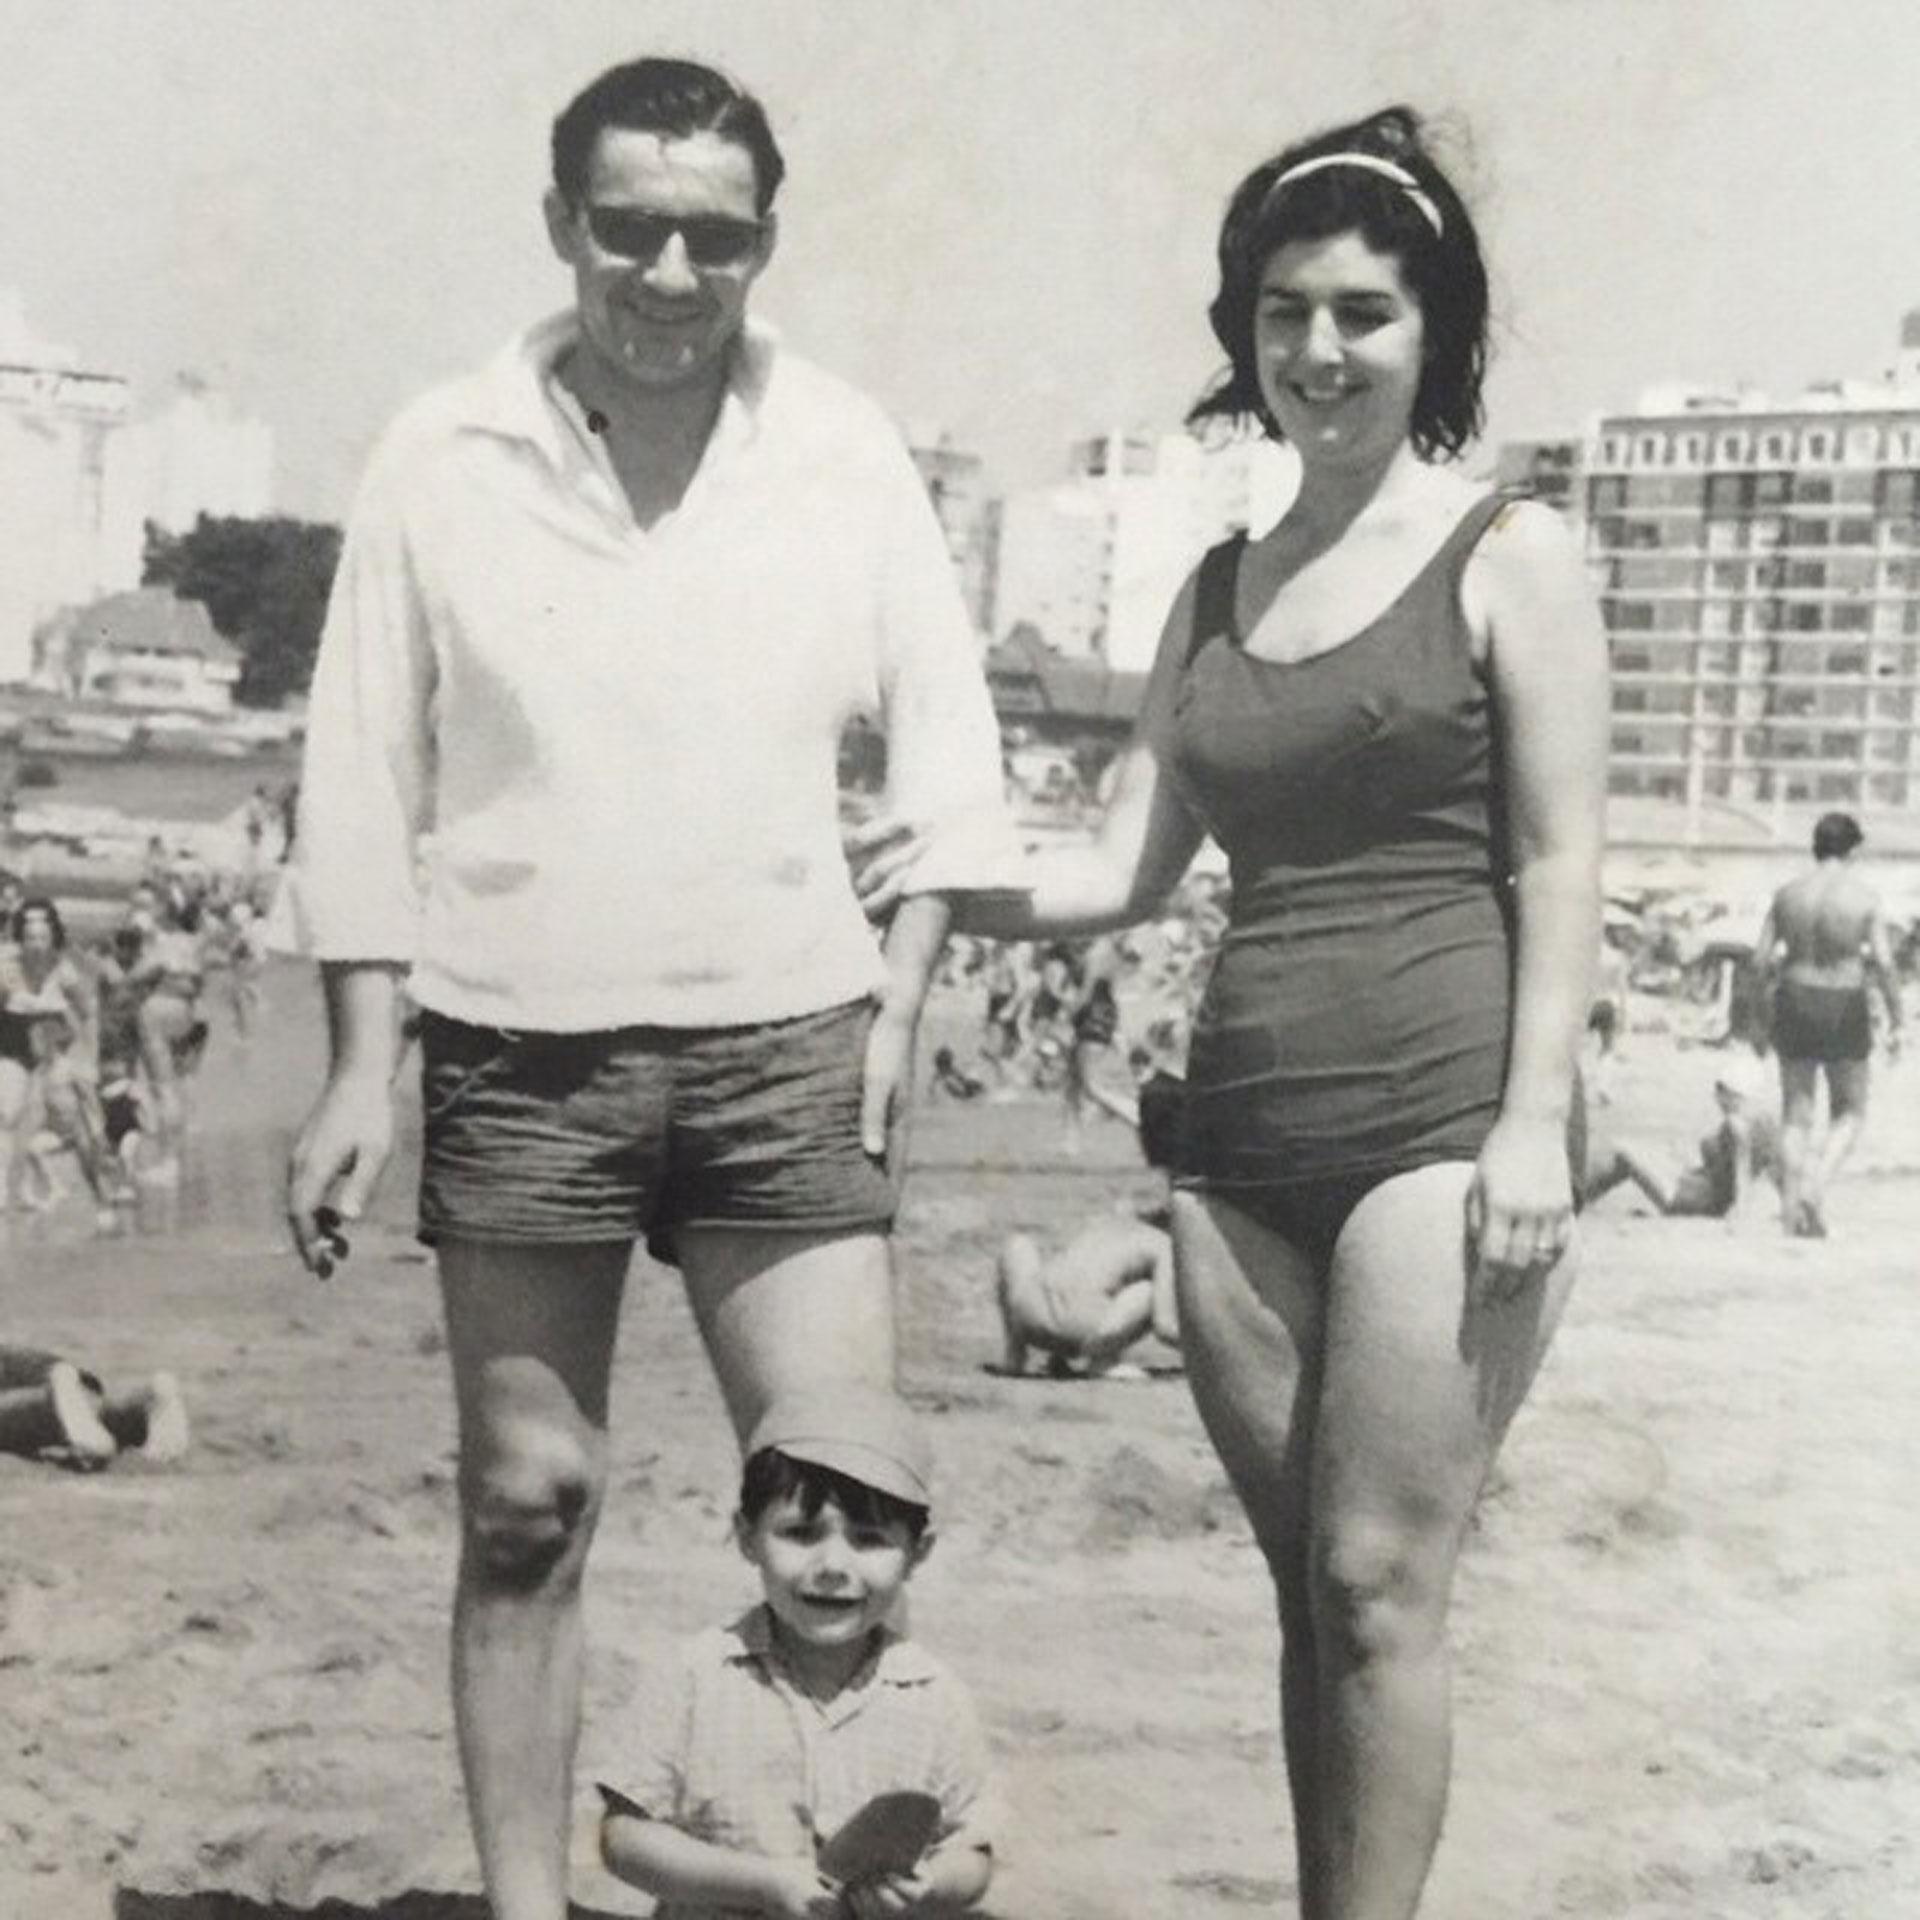 Un pequeño Marcelo Tinelli en la playa junto a Dino Hugo, su padre, y María Esther Domeño, su madre.